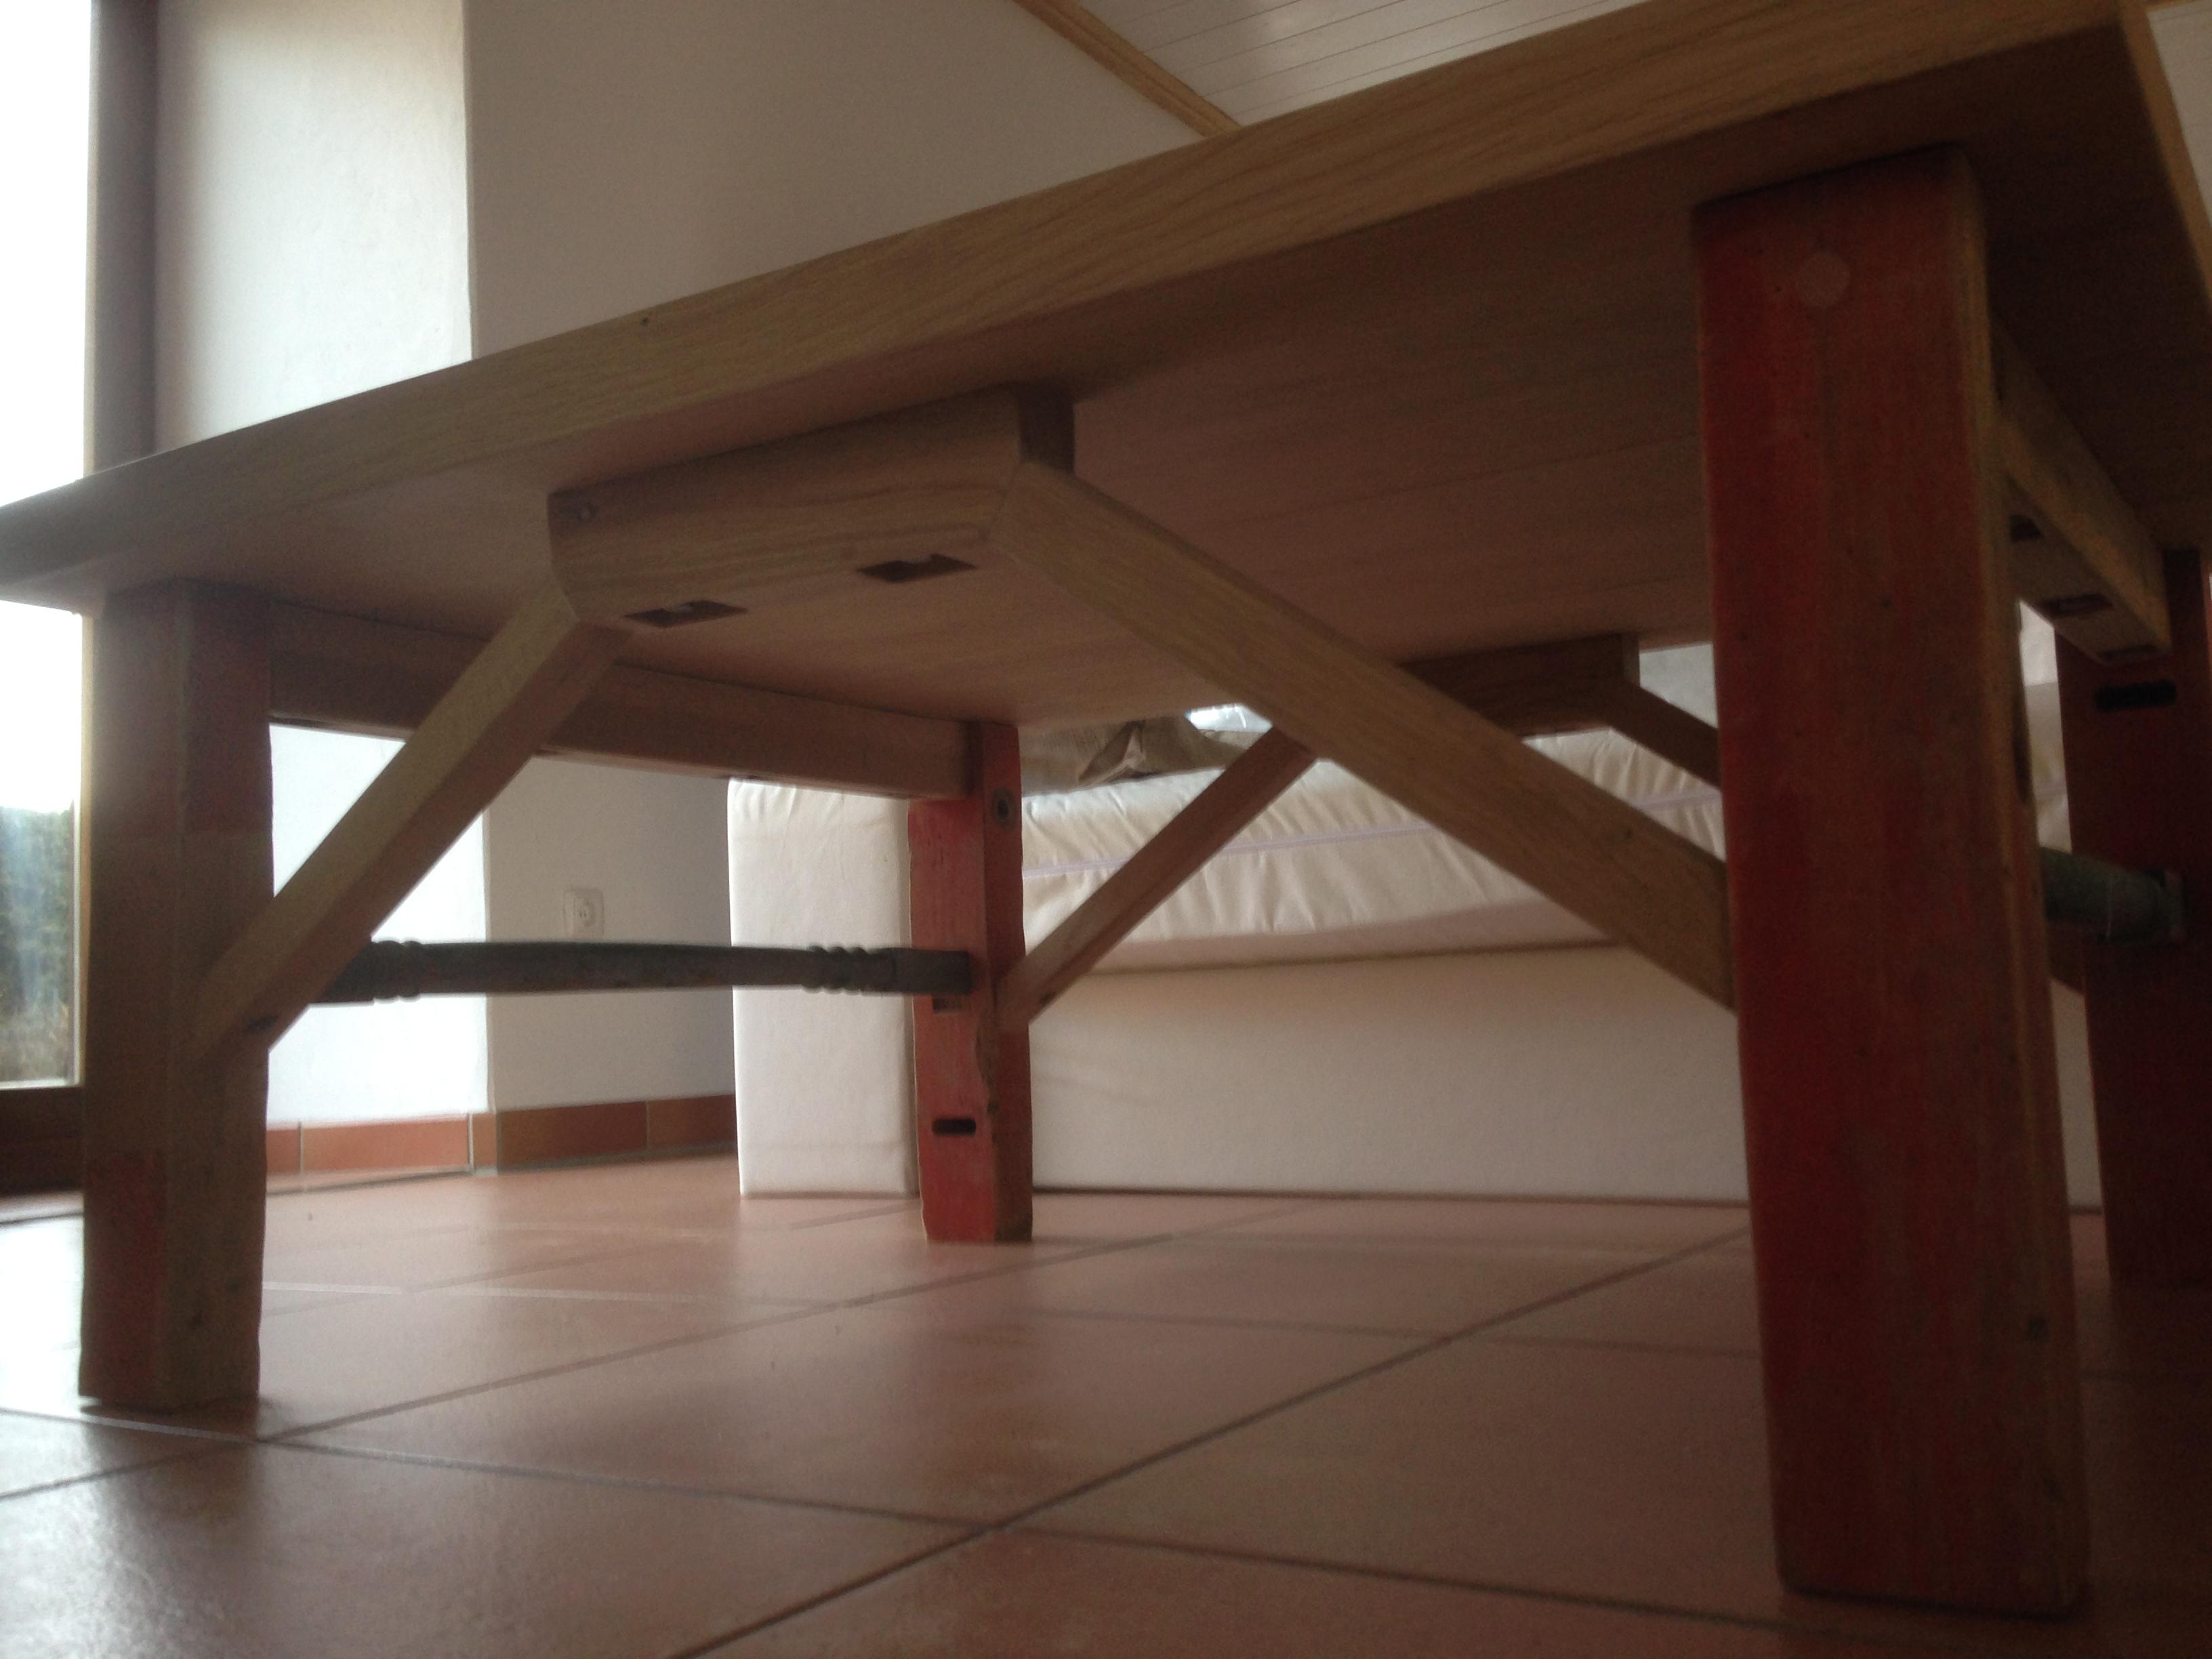 Holztisch aus Dreschwagen gefertigt für Ferienwohnungen Chiemgau